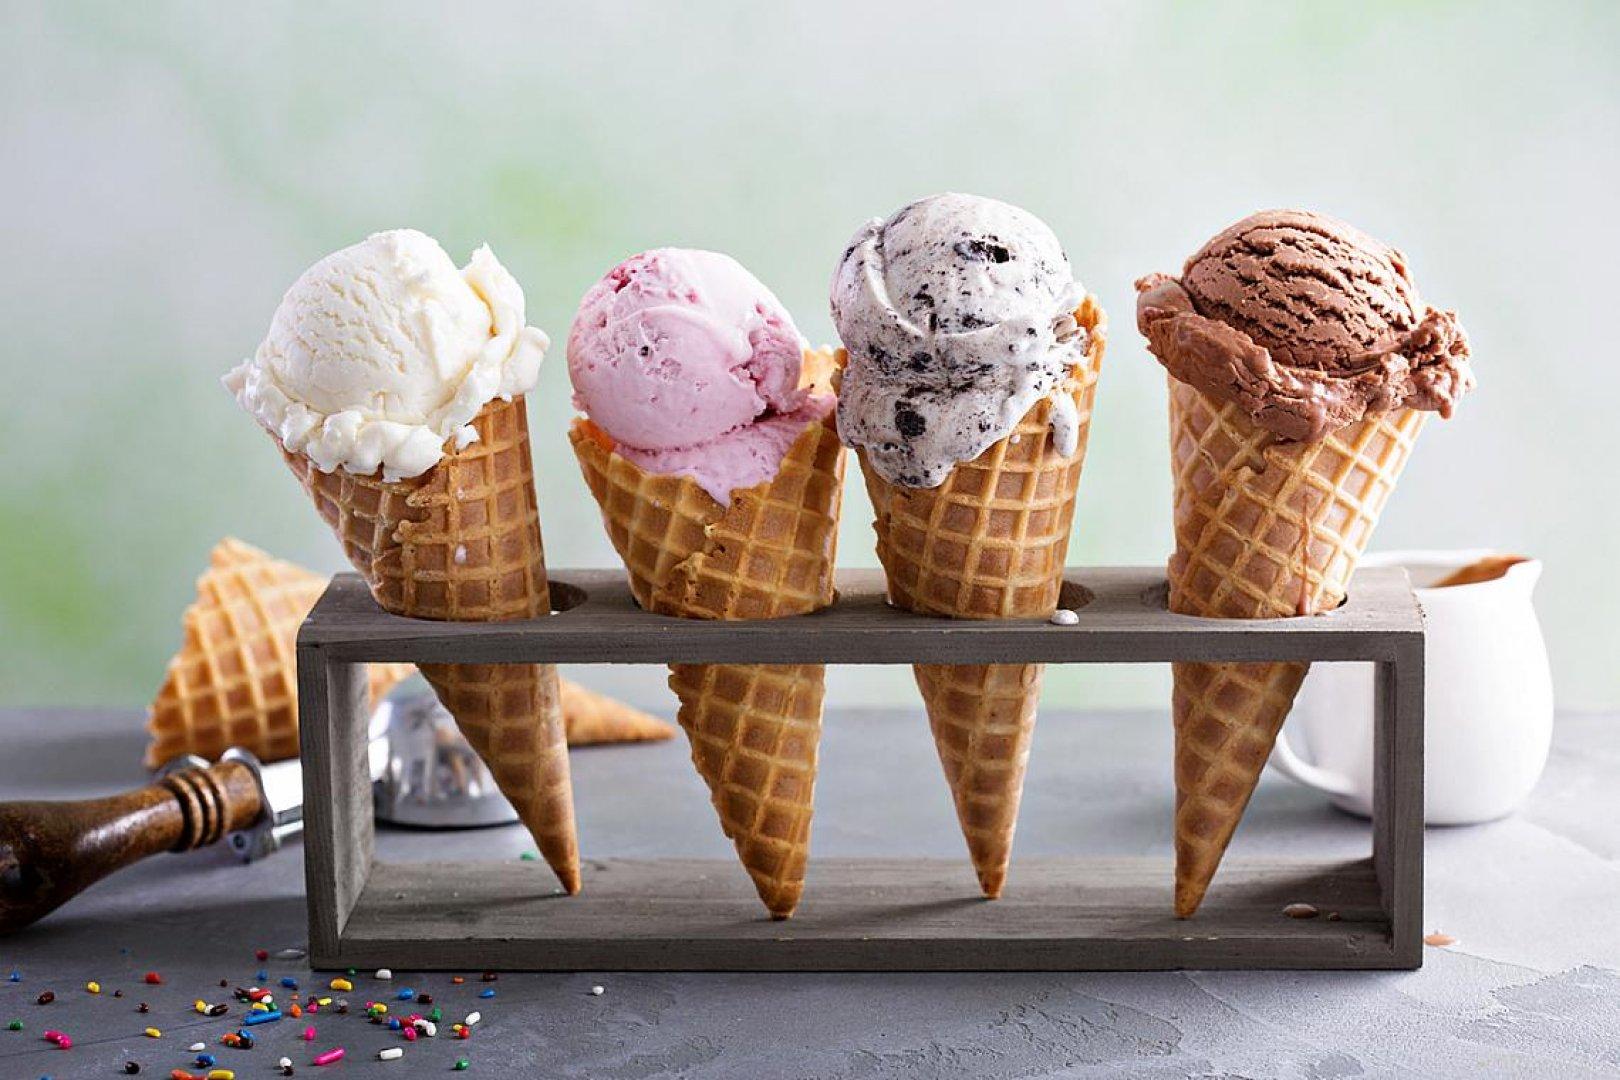 Фестивалът ще предложи разнообразие от марки сладолед. Снимката е илюстративна